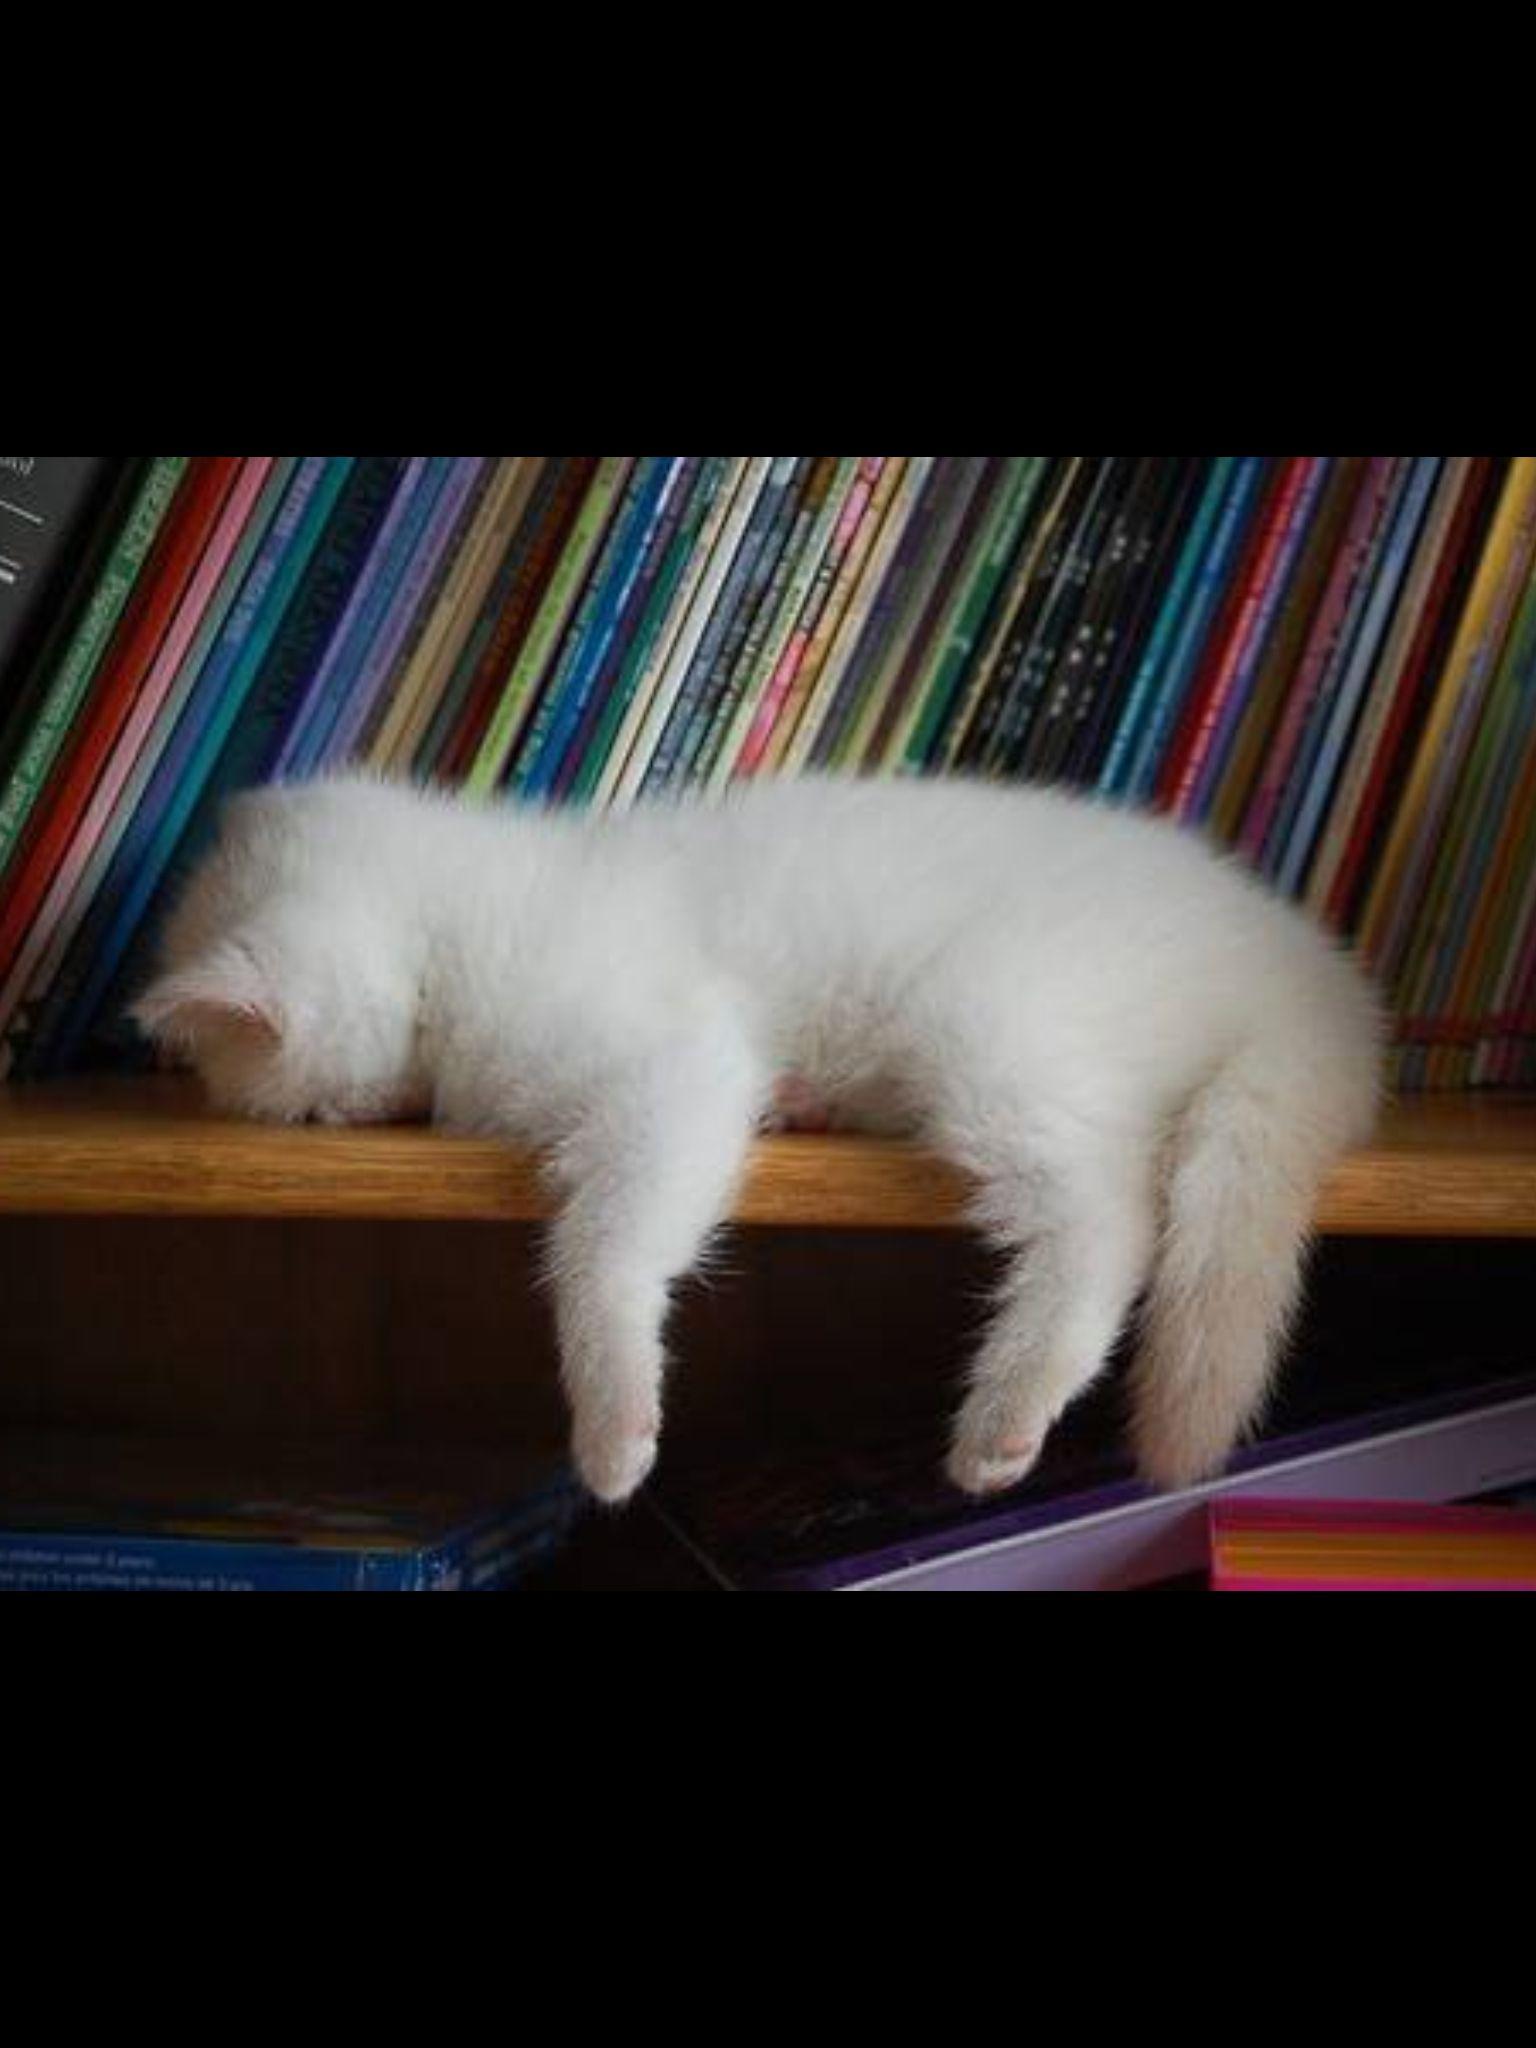 Dicono che un sonnellino pomeridiano faccia bene alla salute ... meglio esagerare. #animali #felini #gatti #mici #cuccioli